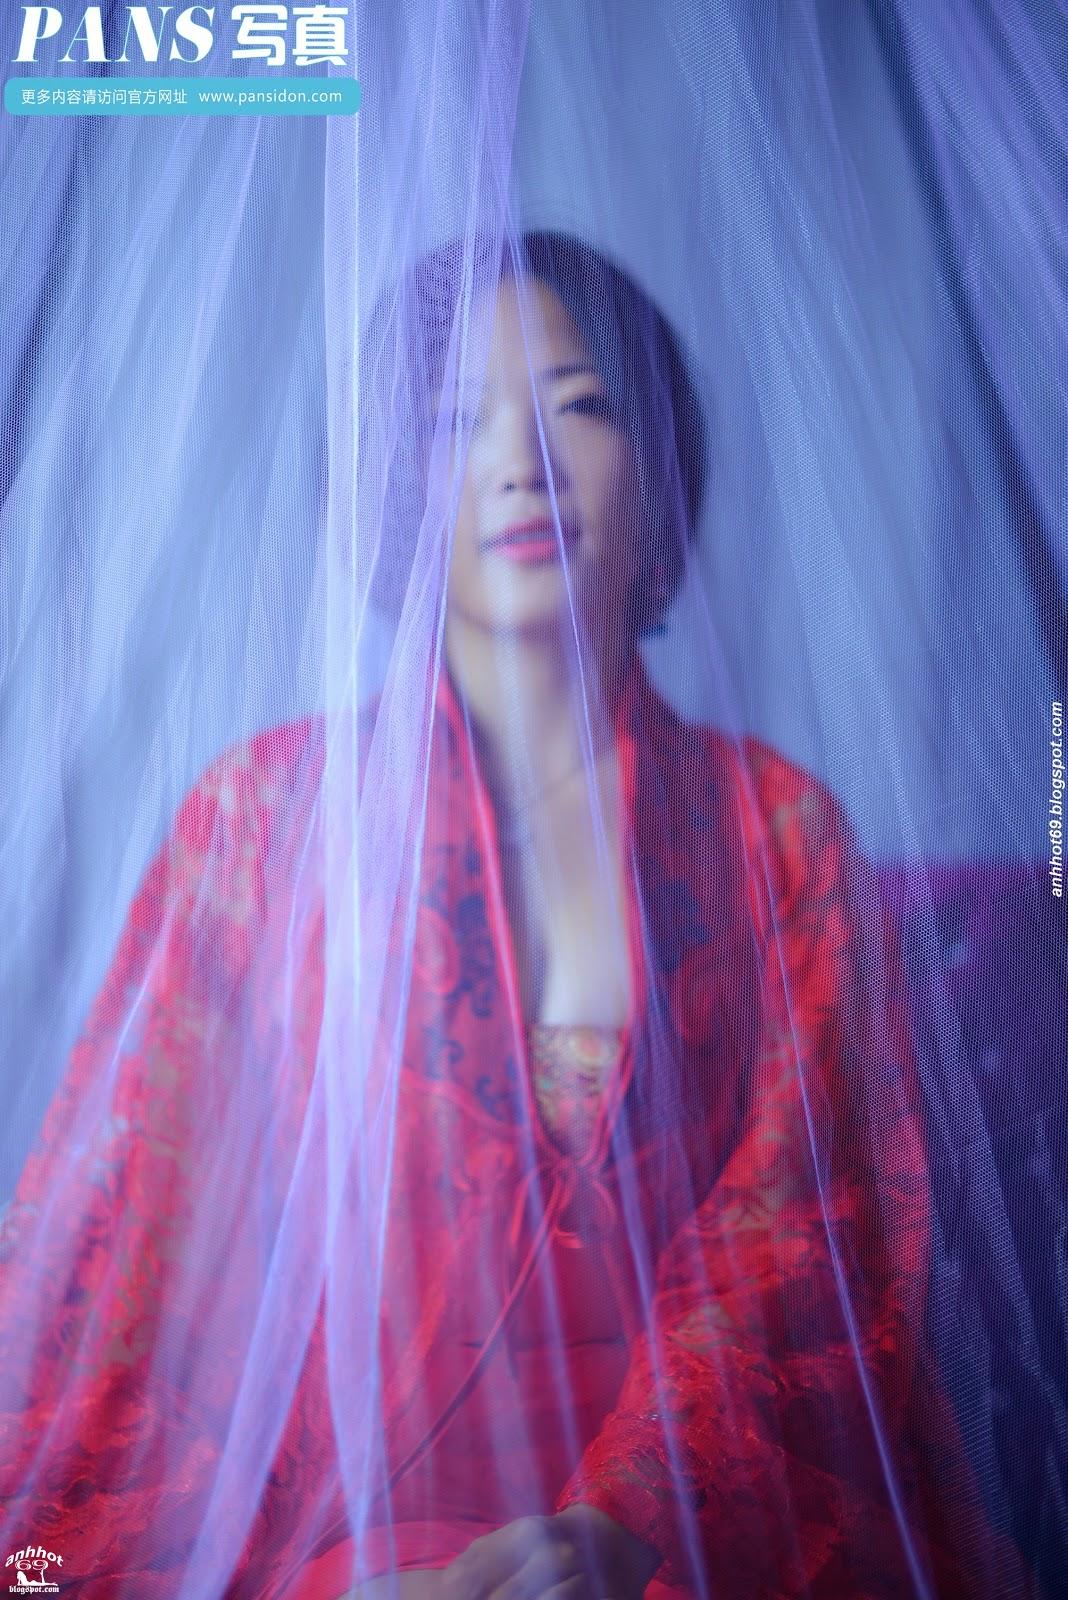 yuhan-pansidon-02851544